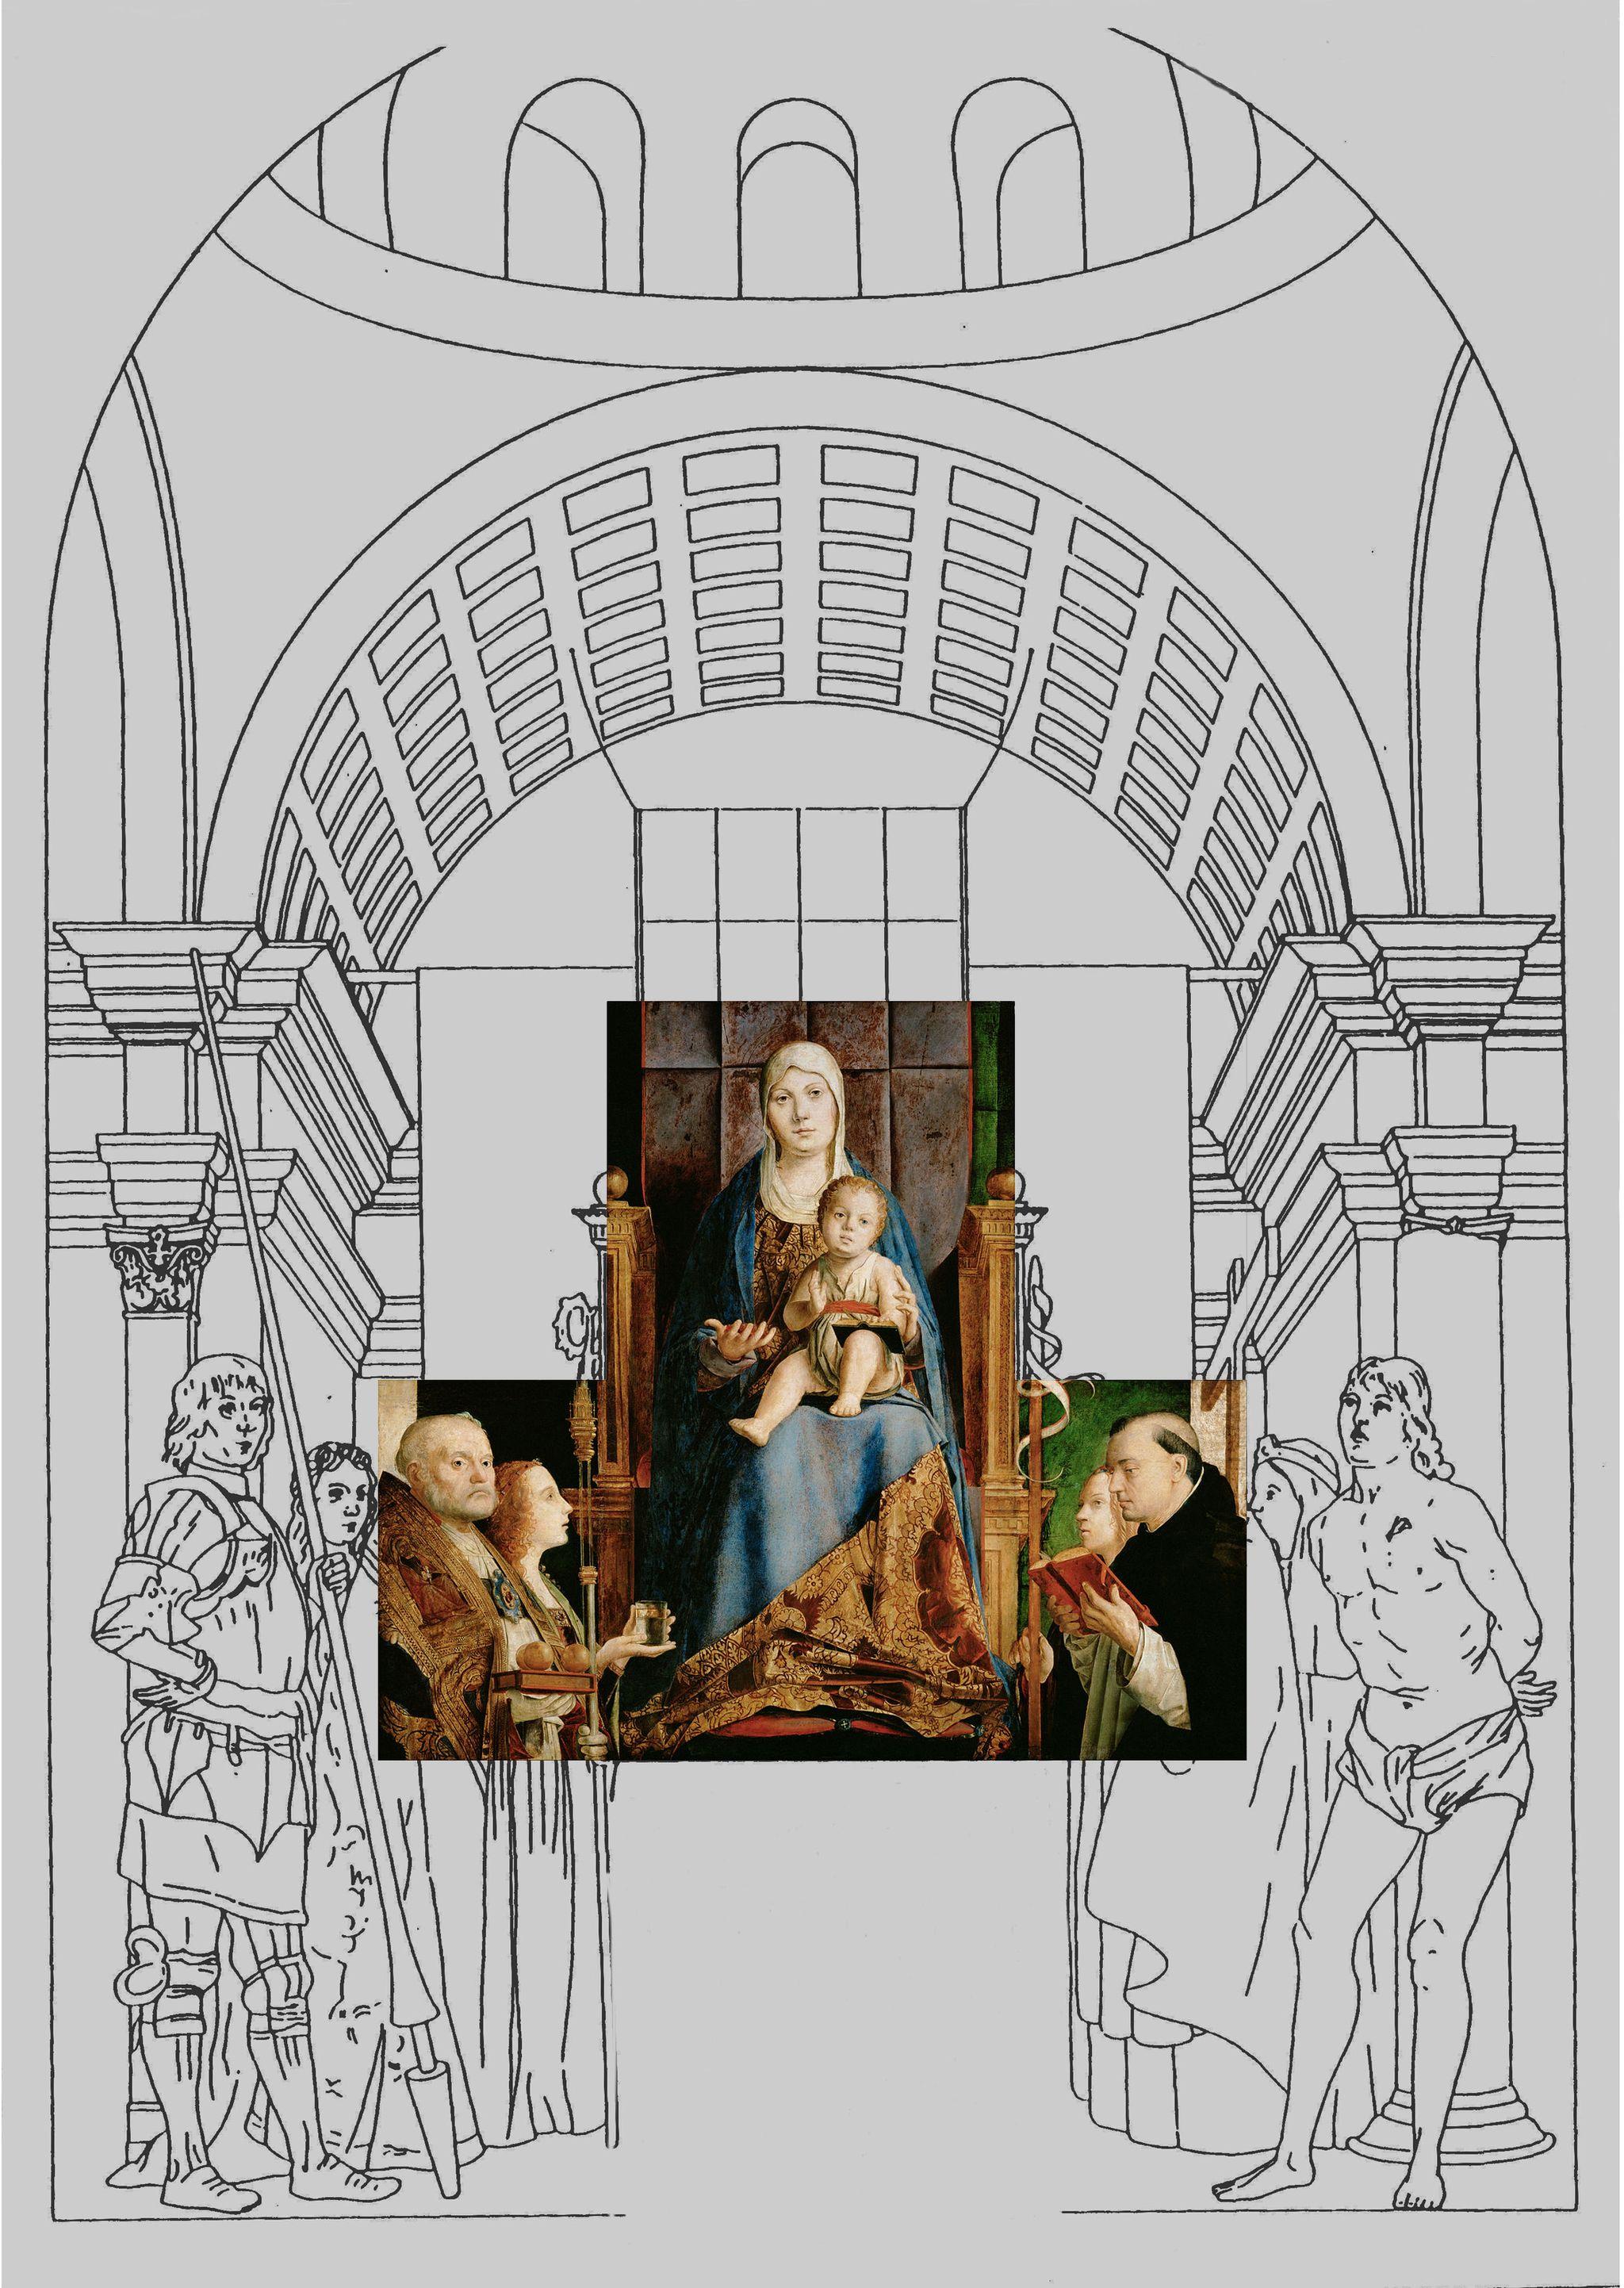 Antonello da Messina (1430–1479), Pala di San Cassiano (Ricostruzionedella pala), 1475-1476 circa, olio su tavola, 115×135,6 cm, Vienna, Kunsthistorisches Museum